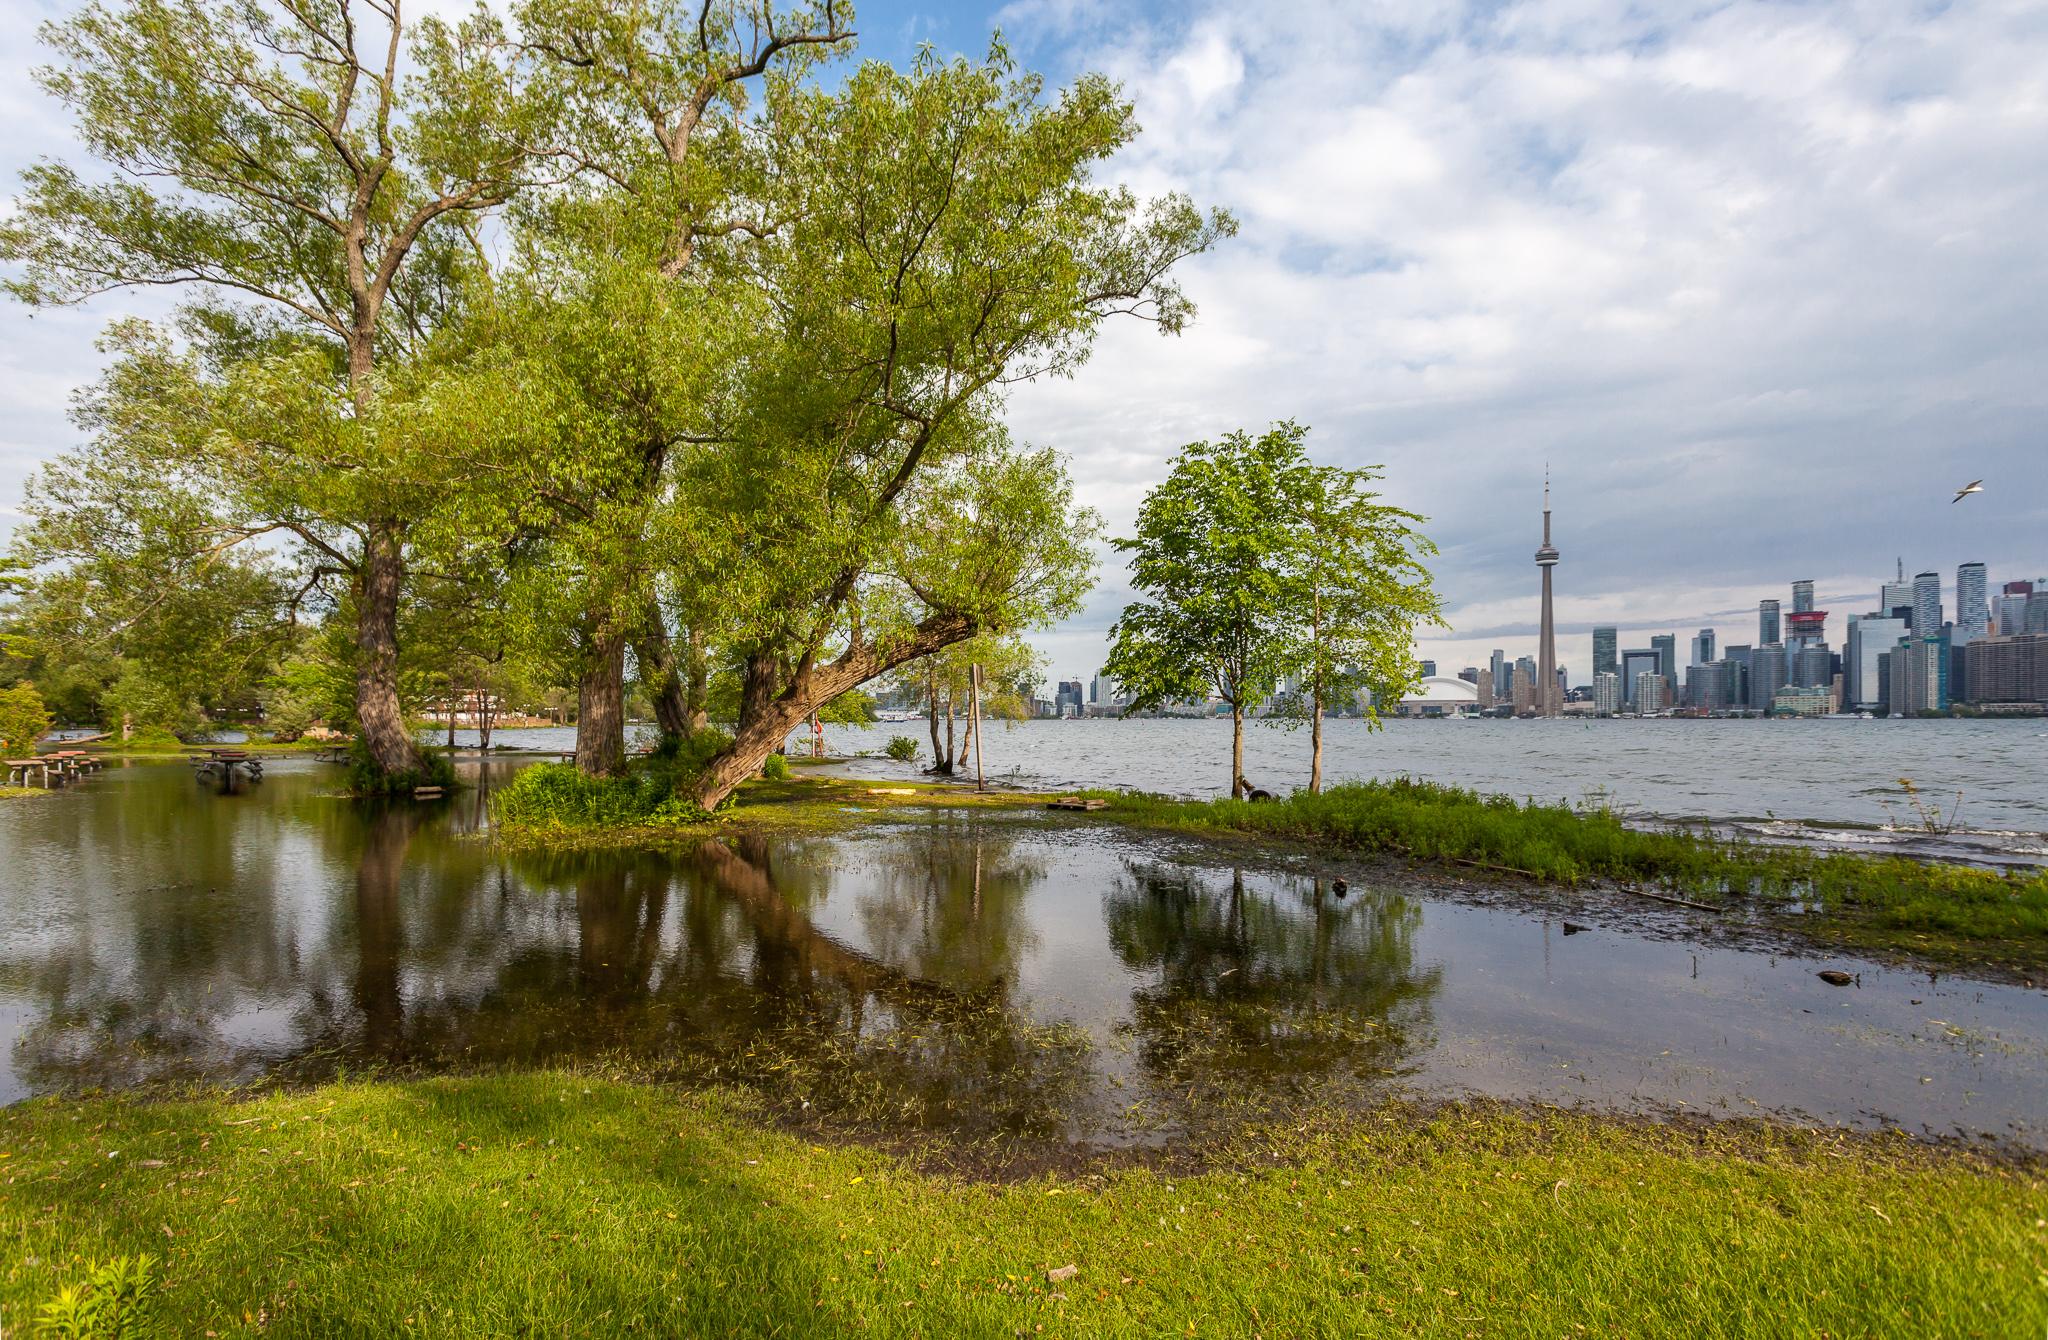 Sam_J_Island_Flood-2568.jpg